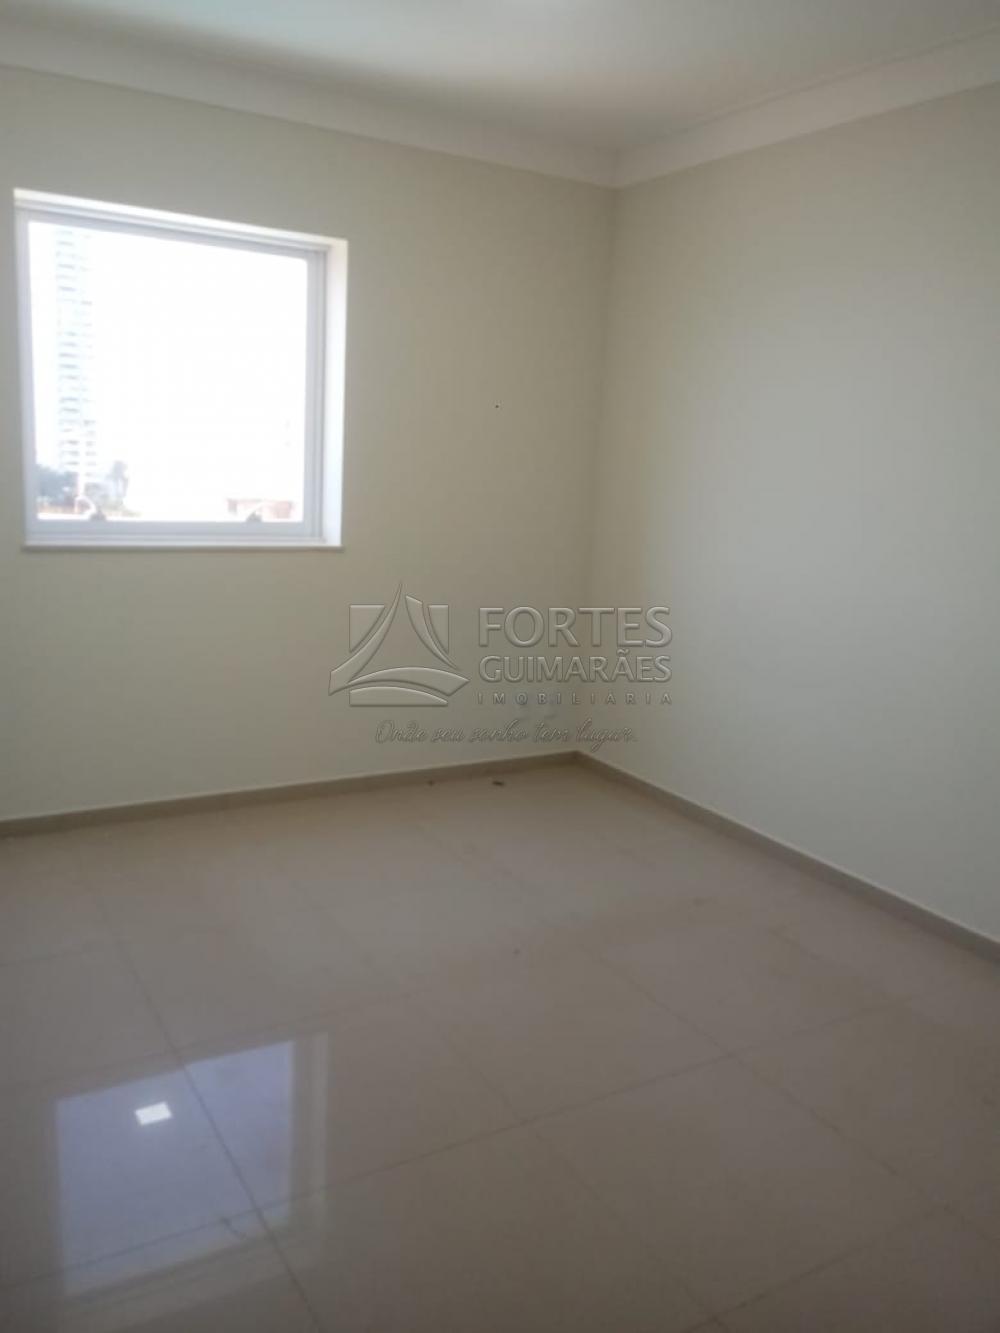 Alugar Apartamentos / Padrão em Ribeirão Preto apenas R$ 3.200,00 - Foto 26